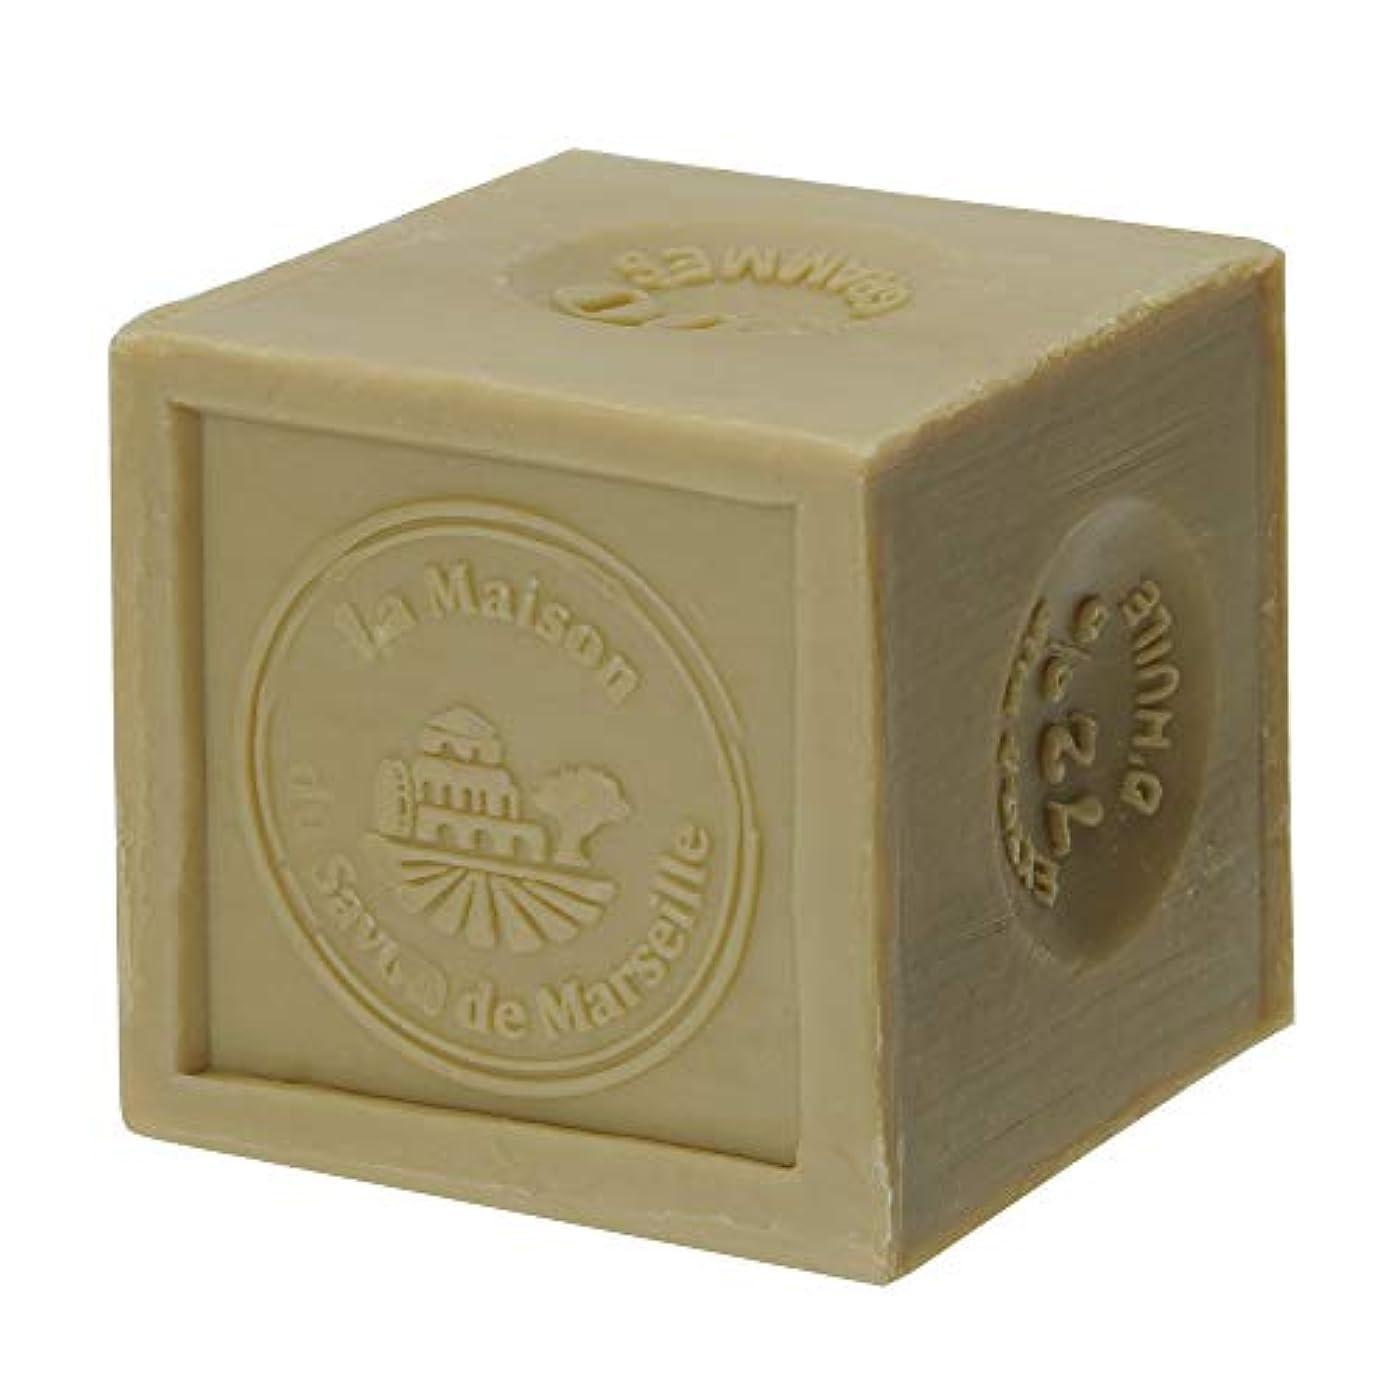 部分的アラートキャリアノルコーポレーション マルセイユ石鹸 オリーブ UPSM認証マーク付き 300g MLL-3-1